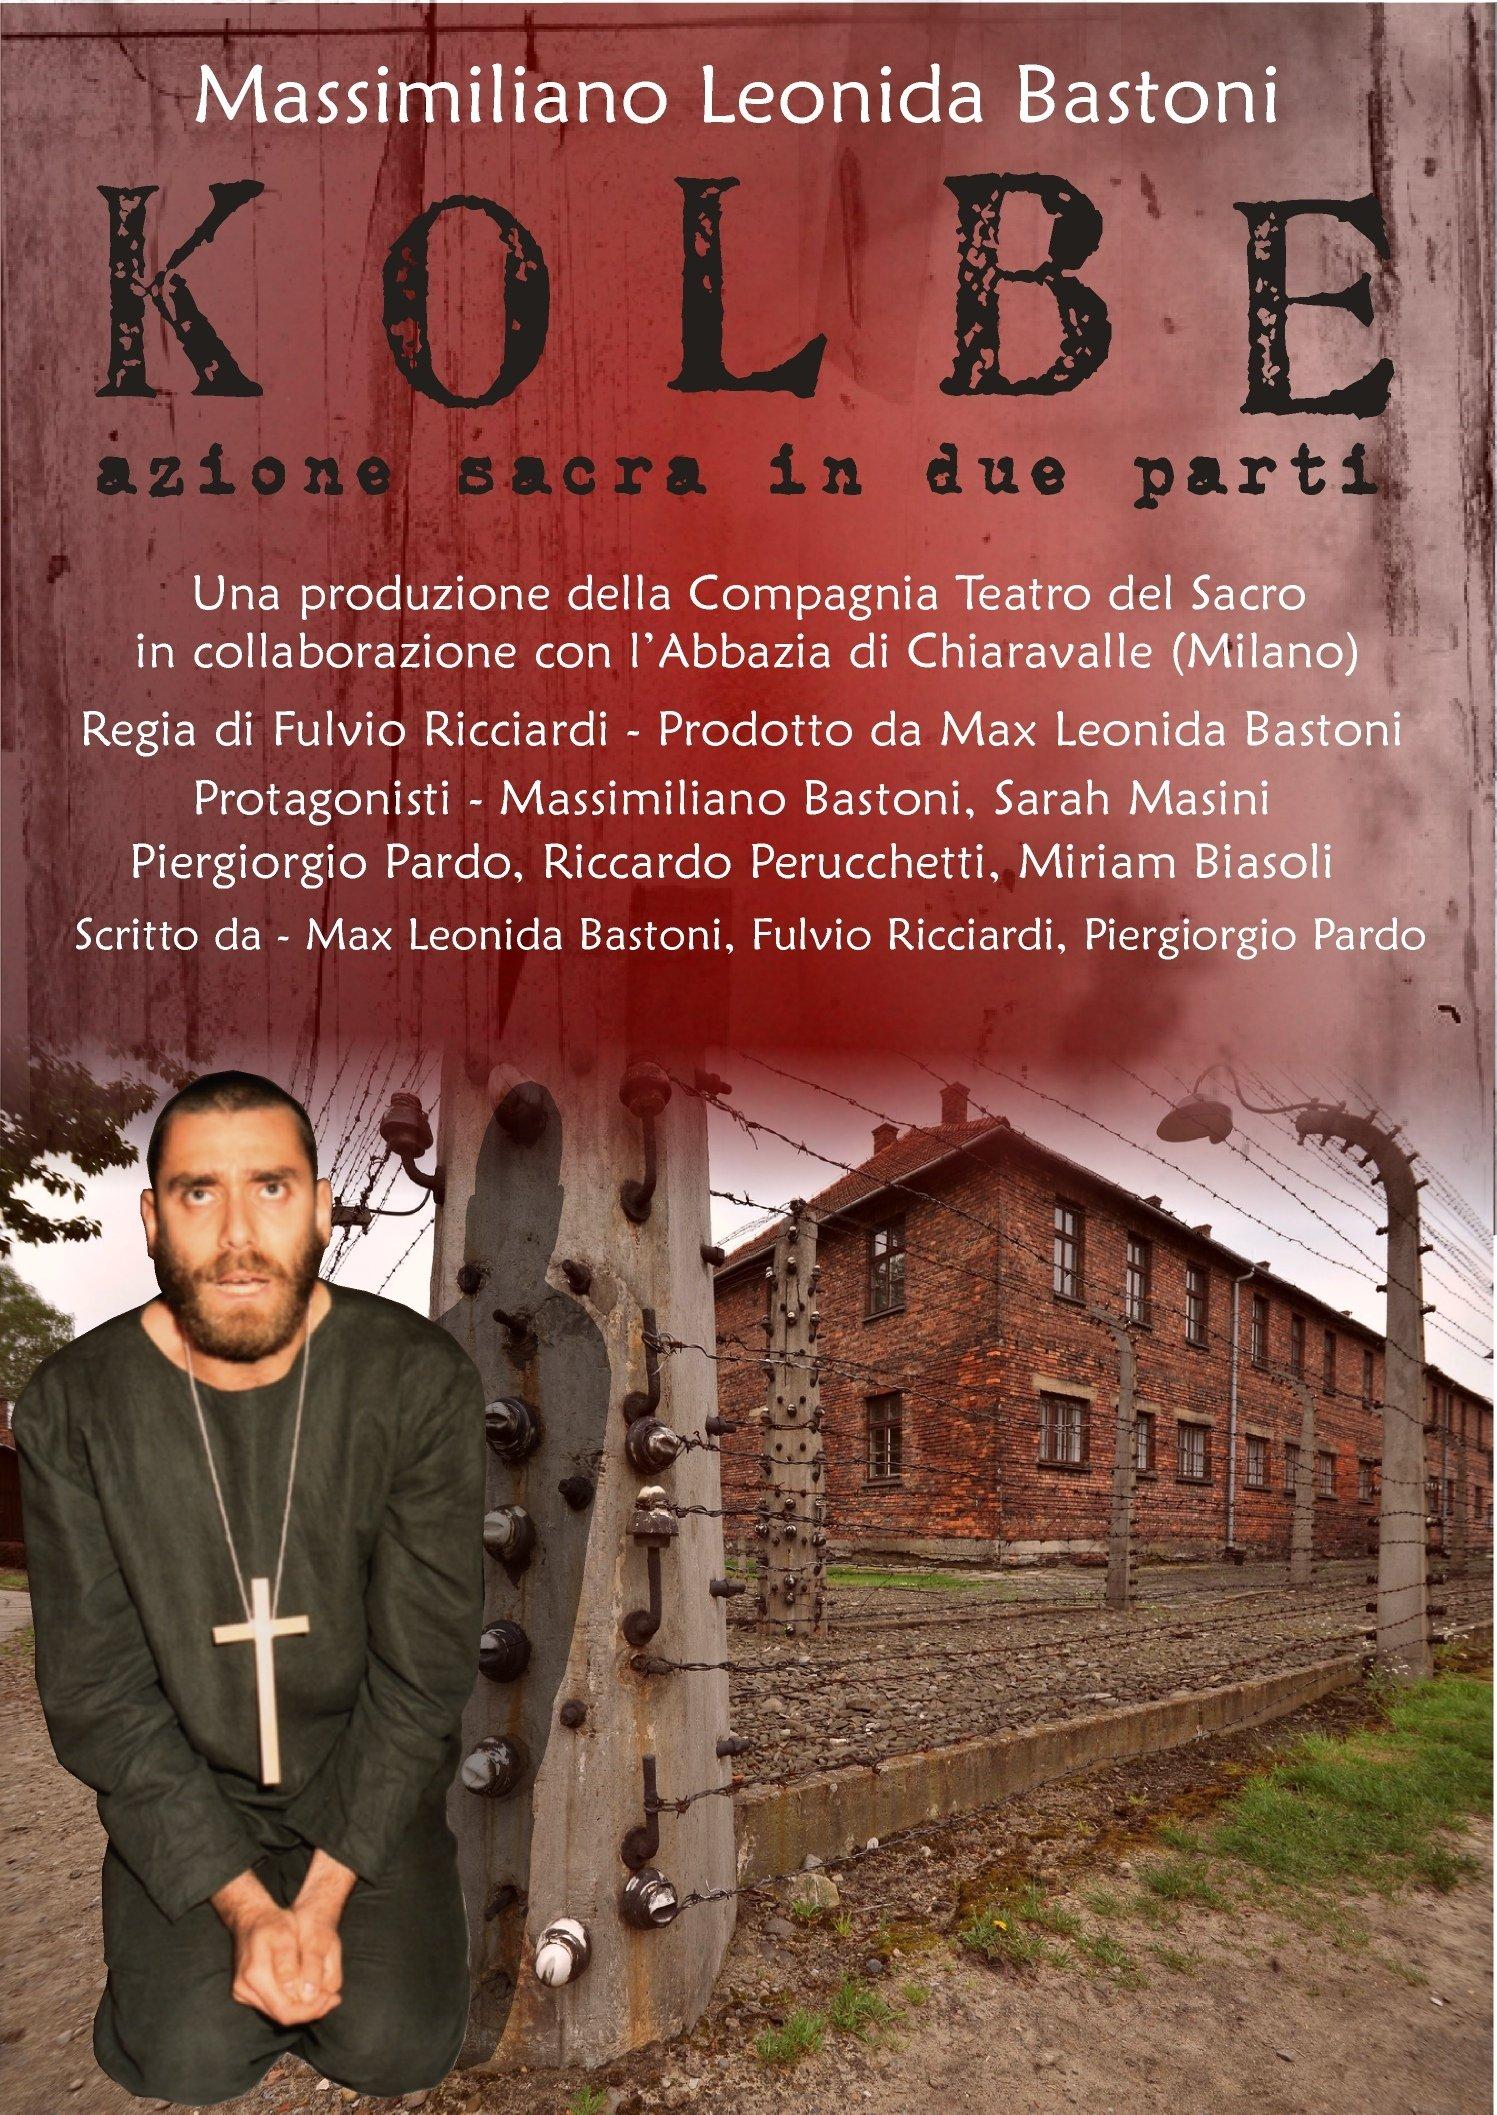 Max Leonida in Kolbe, azione sacra in due parti (1995)